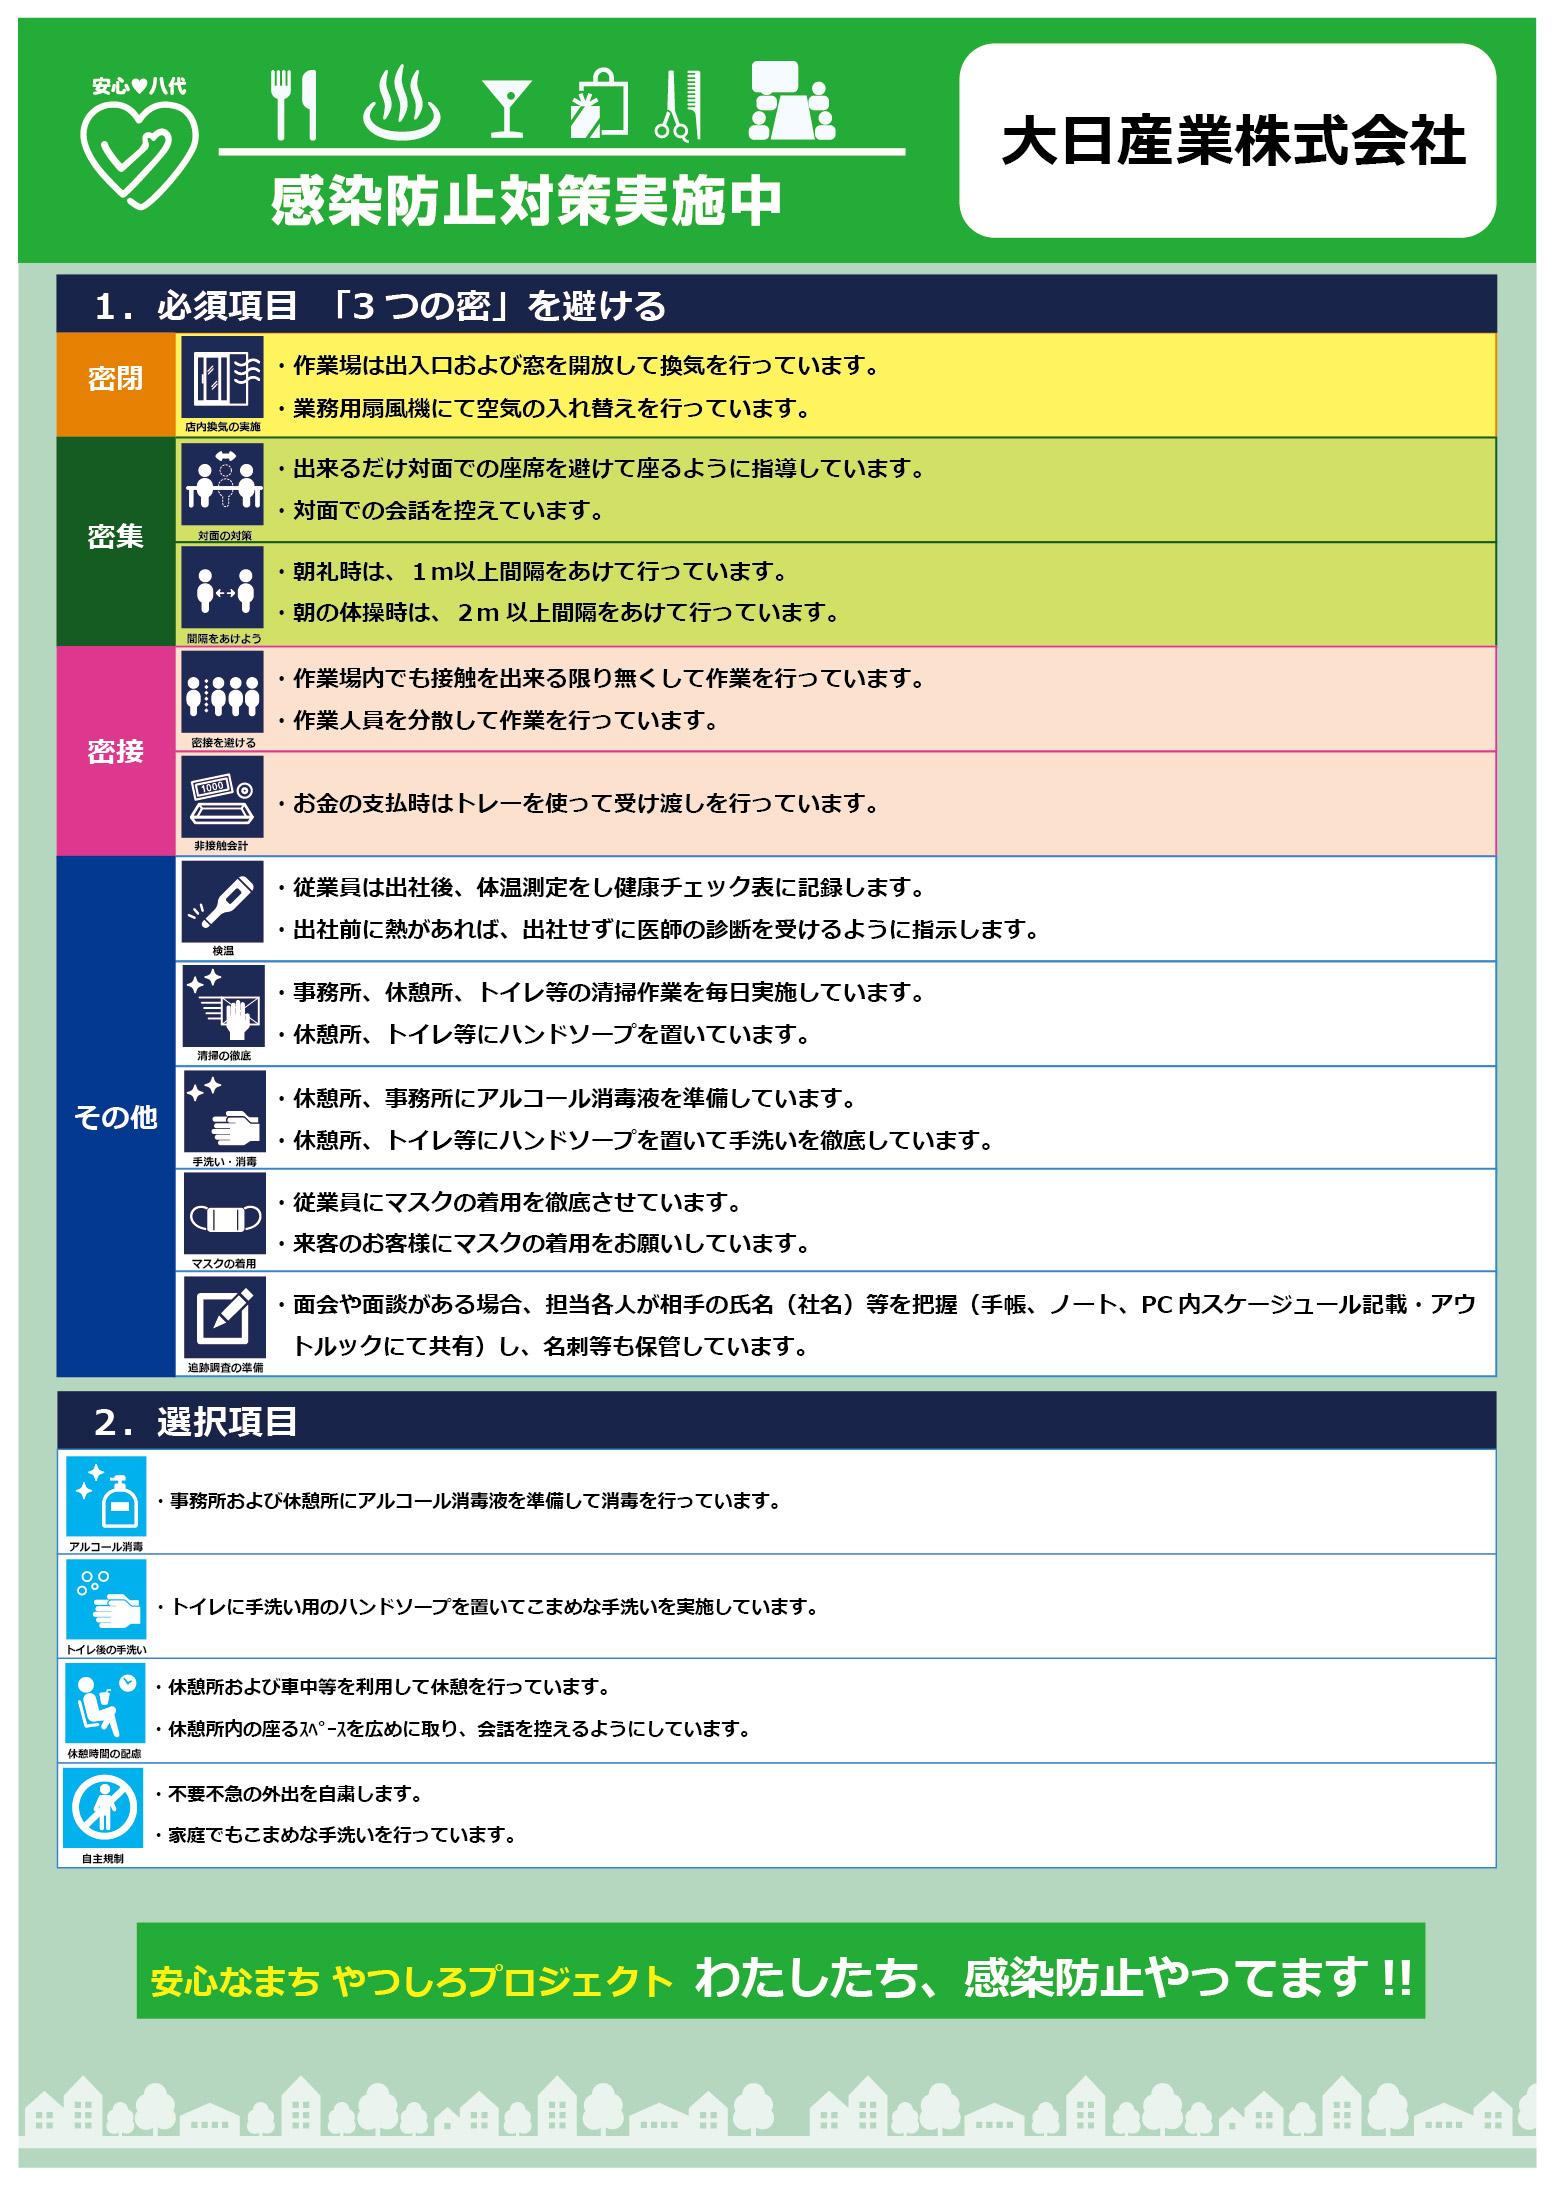 日 会社 株式 大 産業